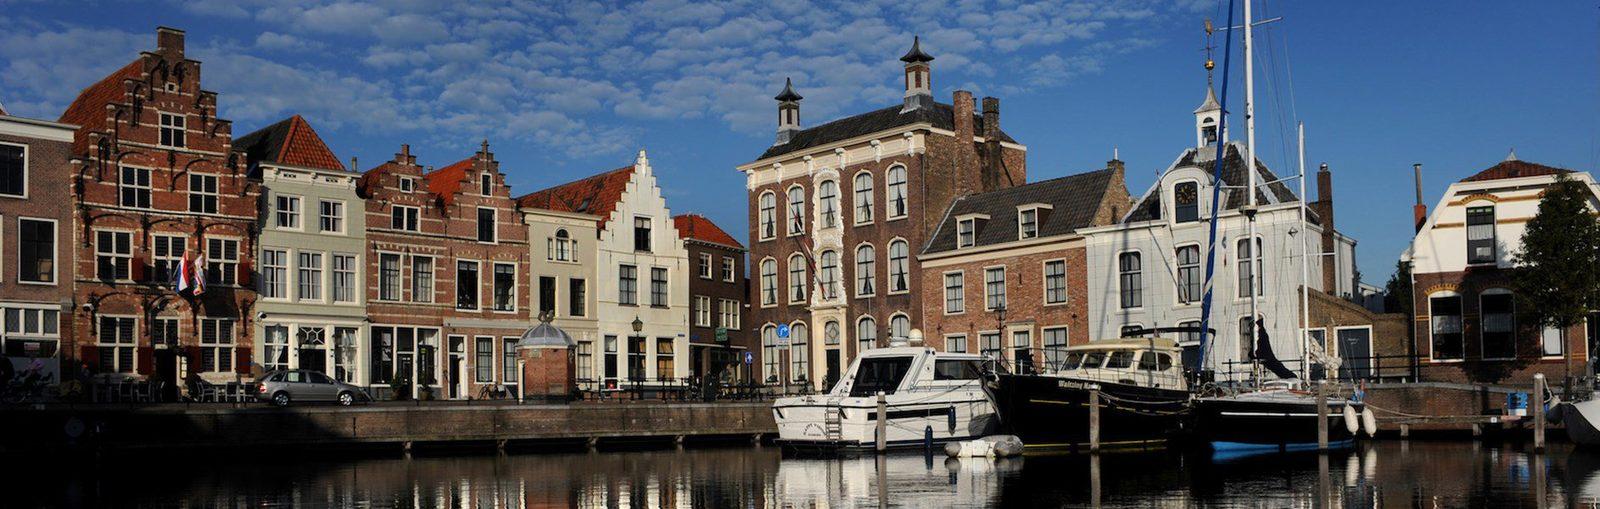 Vakantiehuizen Middelburg